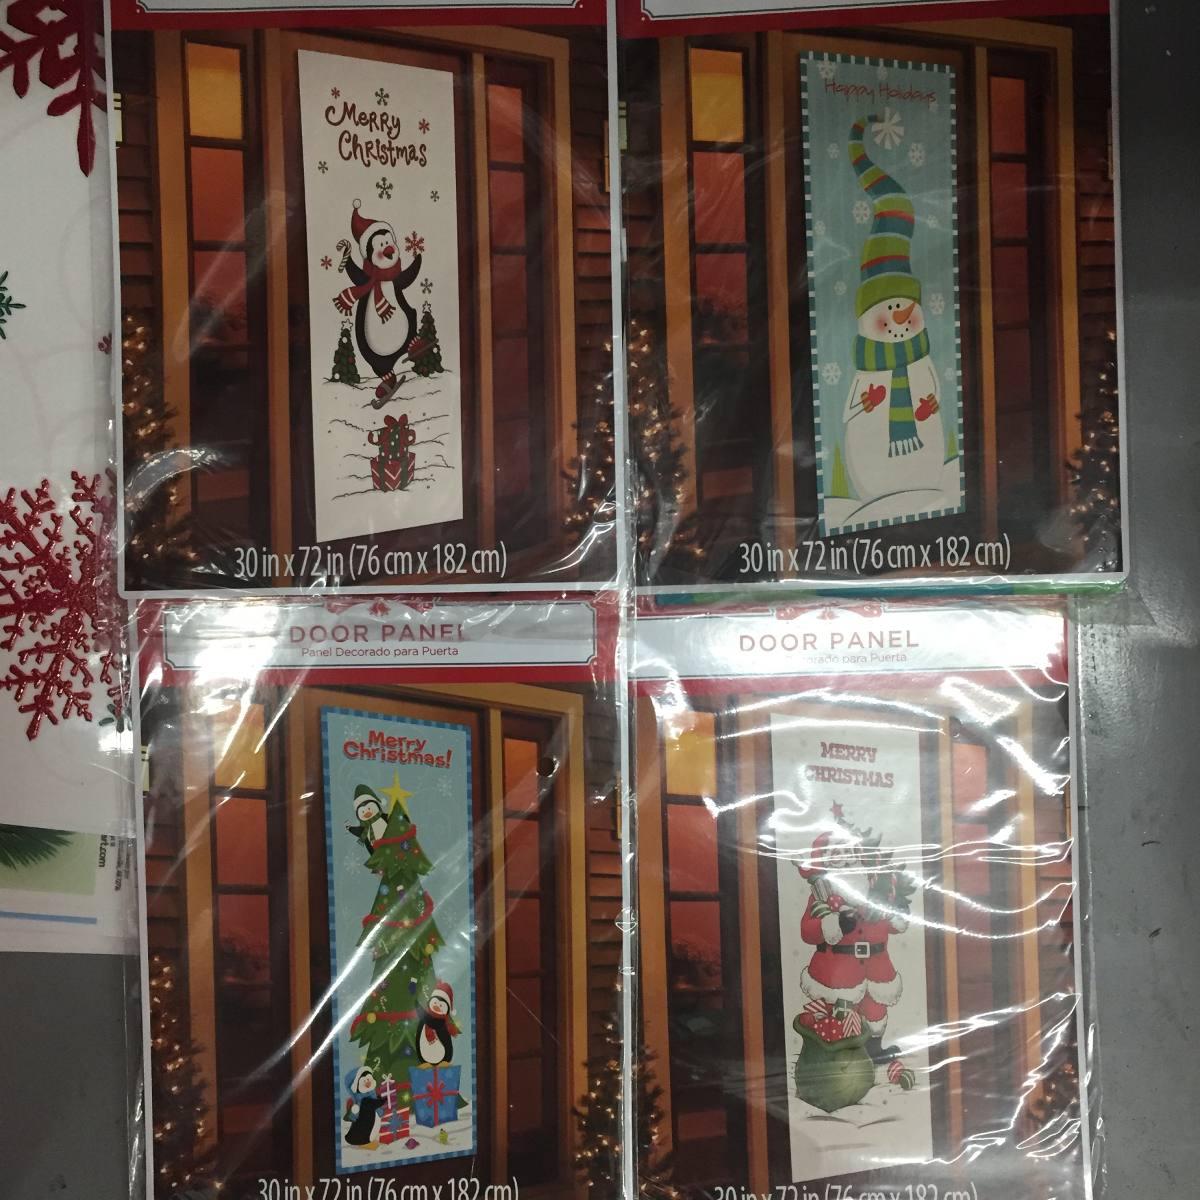 6 adornos de navidad para puertas en mercado libre - Adornos para puertas ...